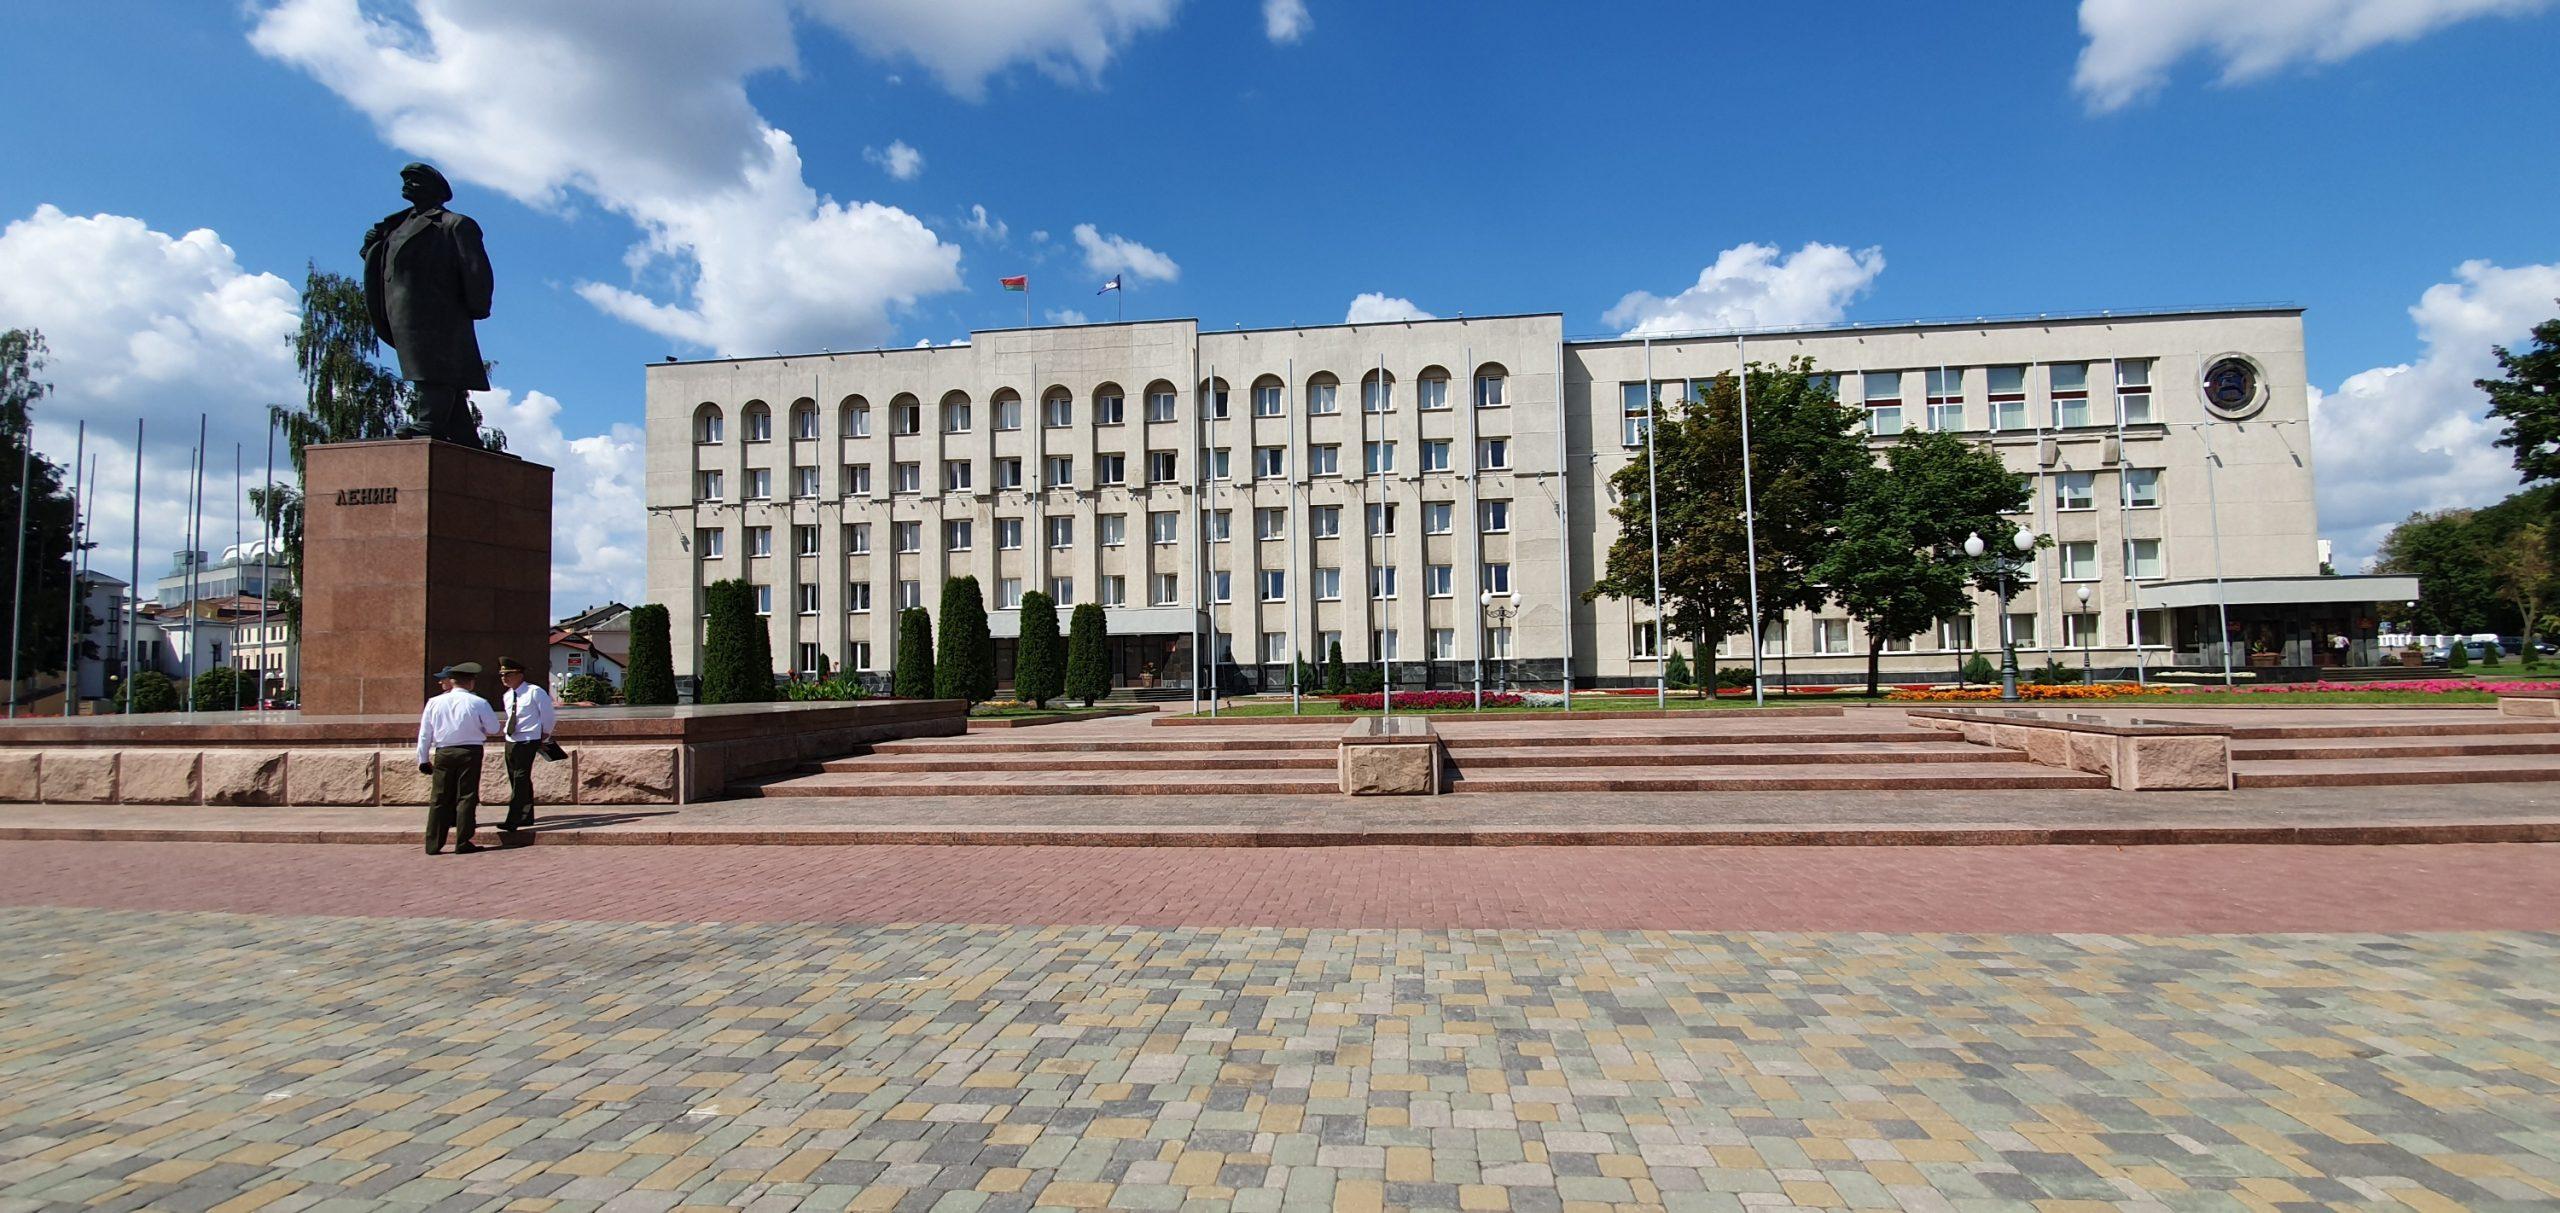 25 juillet : Visite de Hrodna (Grodno)